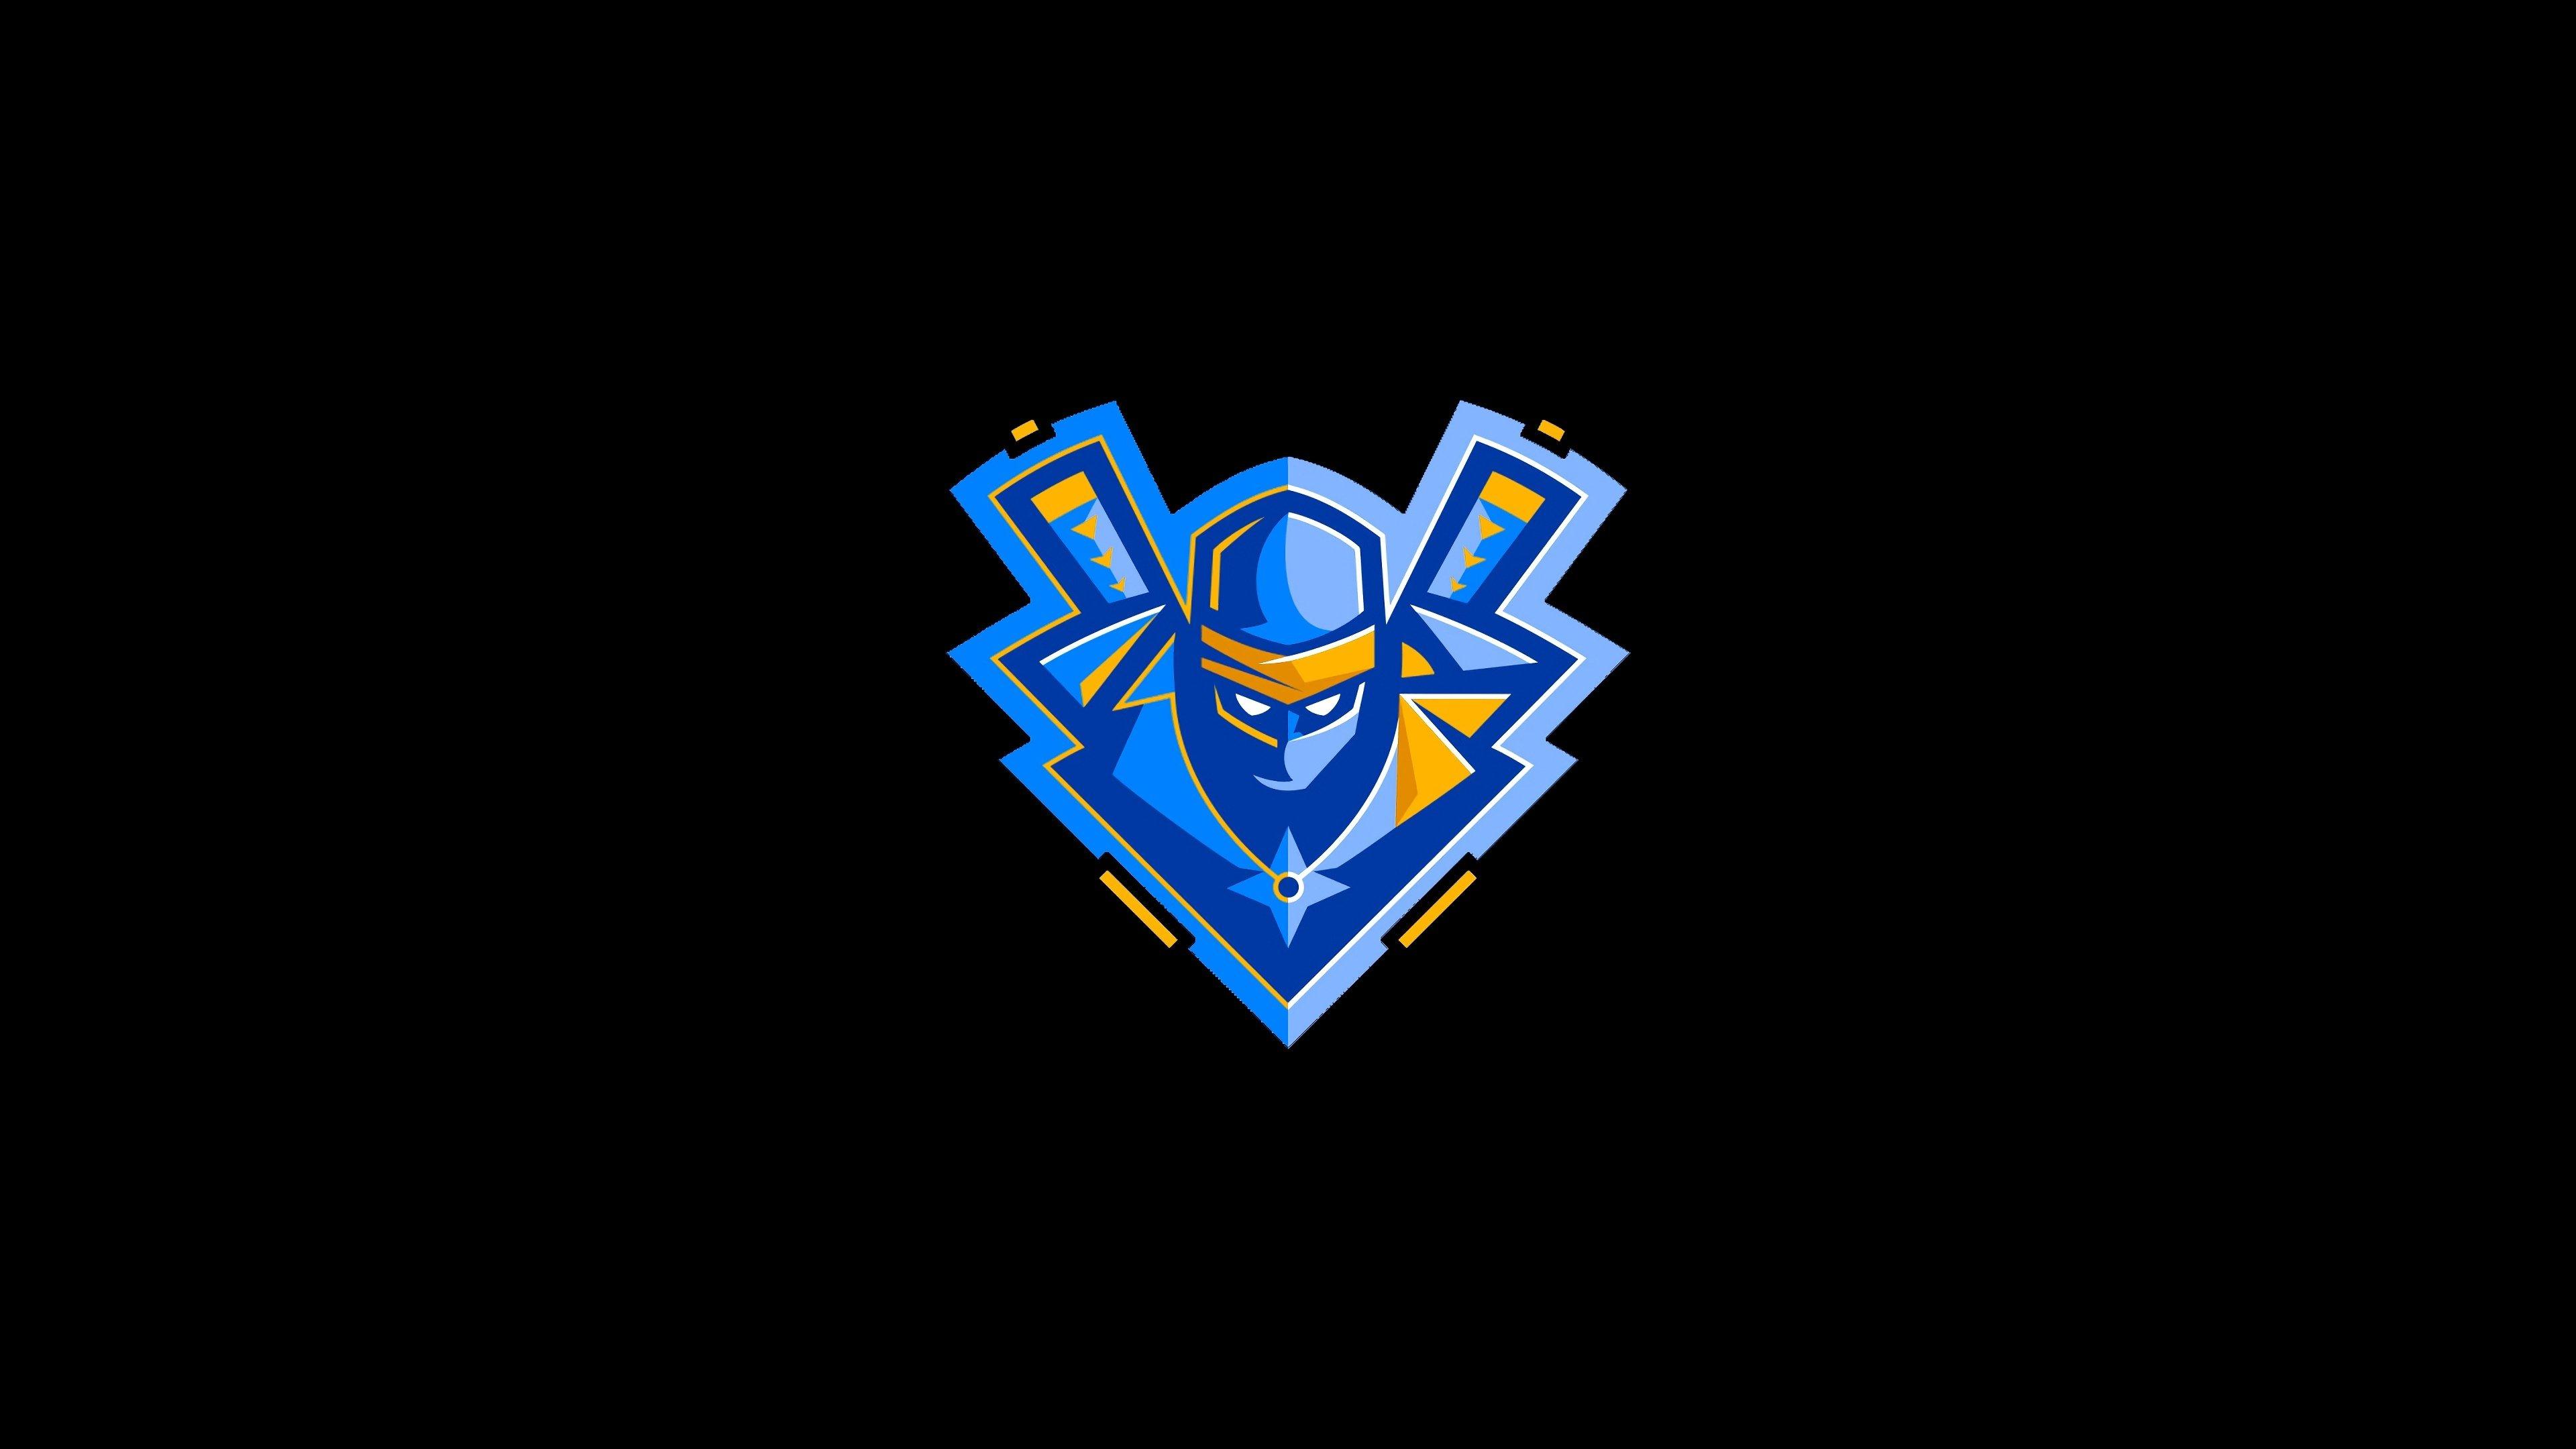 Wallpaper Ninja Logo Fortnite Battle Royale